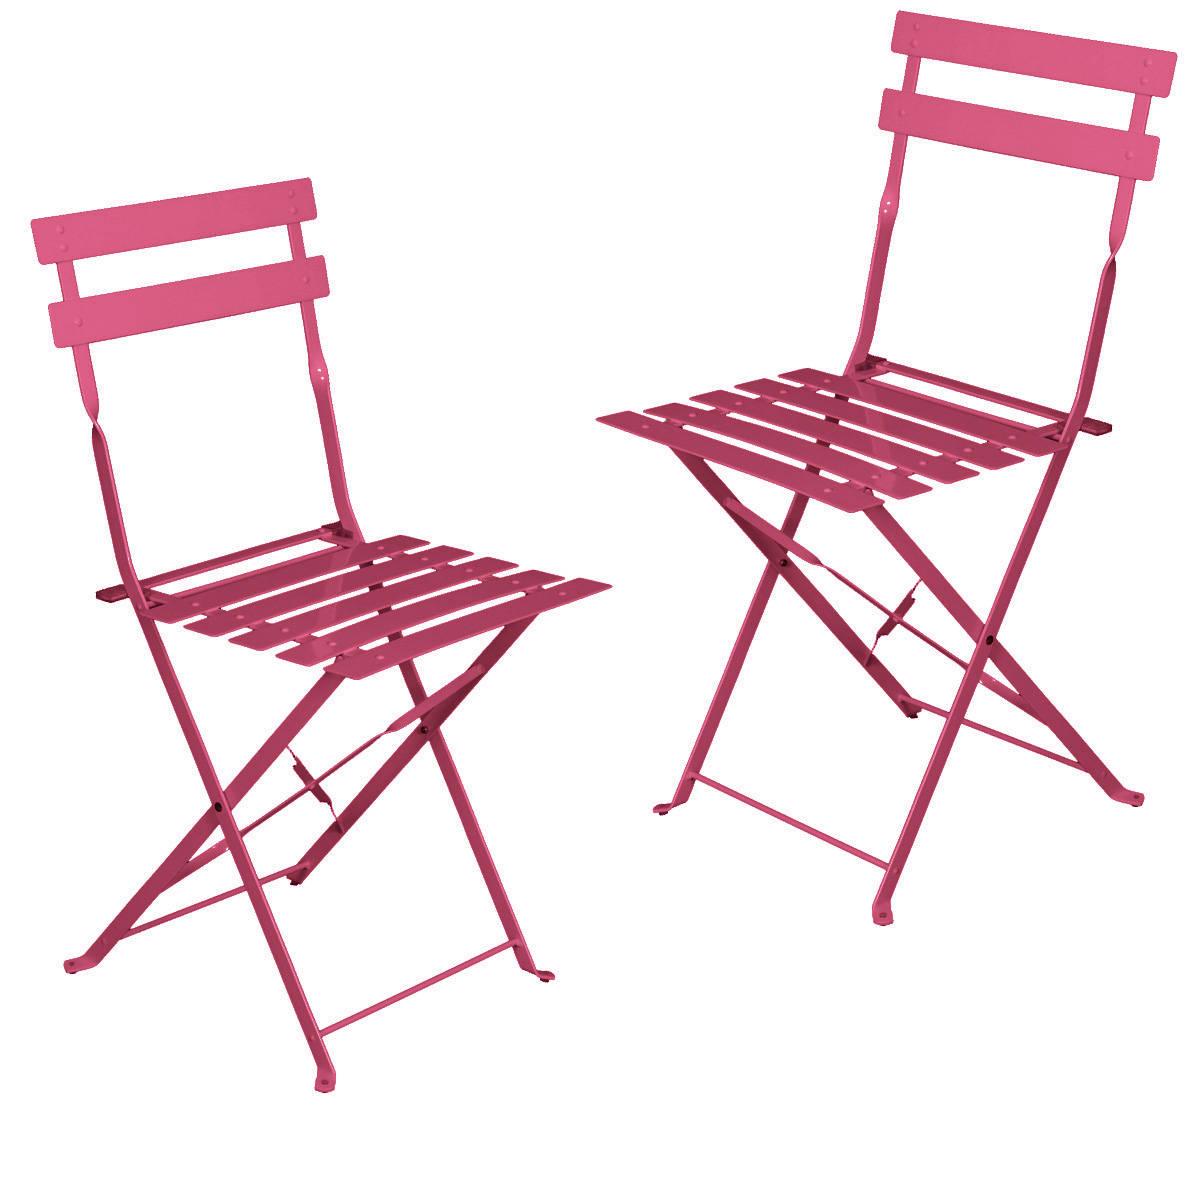 2 Chaises Pliantes Framboise , L 42 X P 46 X H 80 Cm - En Acier Tati.fr concernant Chaise De Jardin Pliante Pas Cher